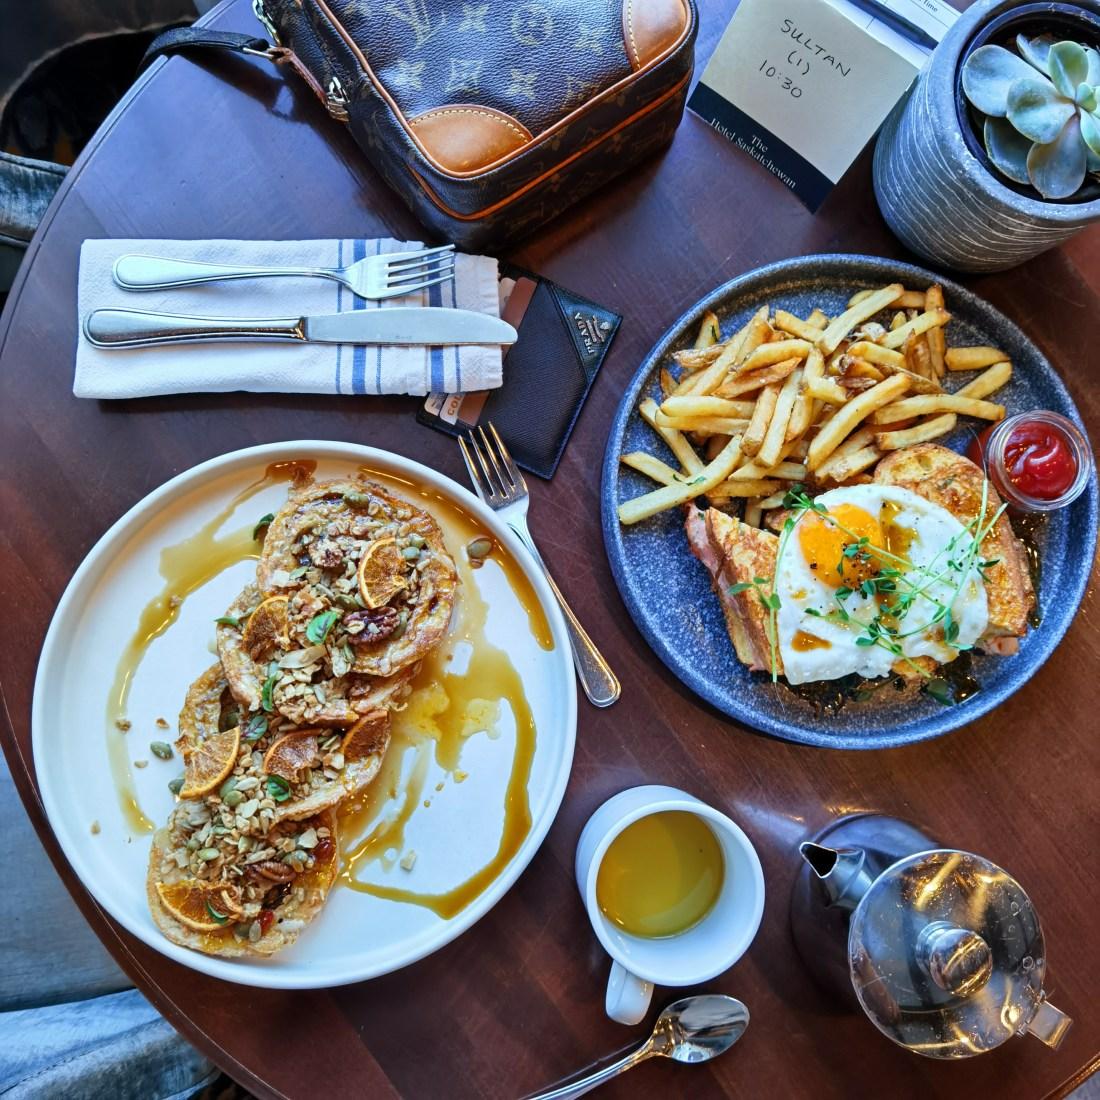 Delicious Brunch at Circa 27 Lounge - Hotel Saskatchewan - Regina Saskatchewan